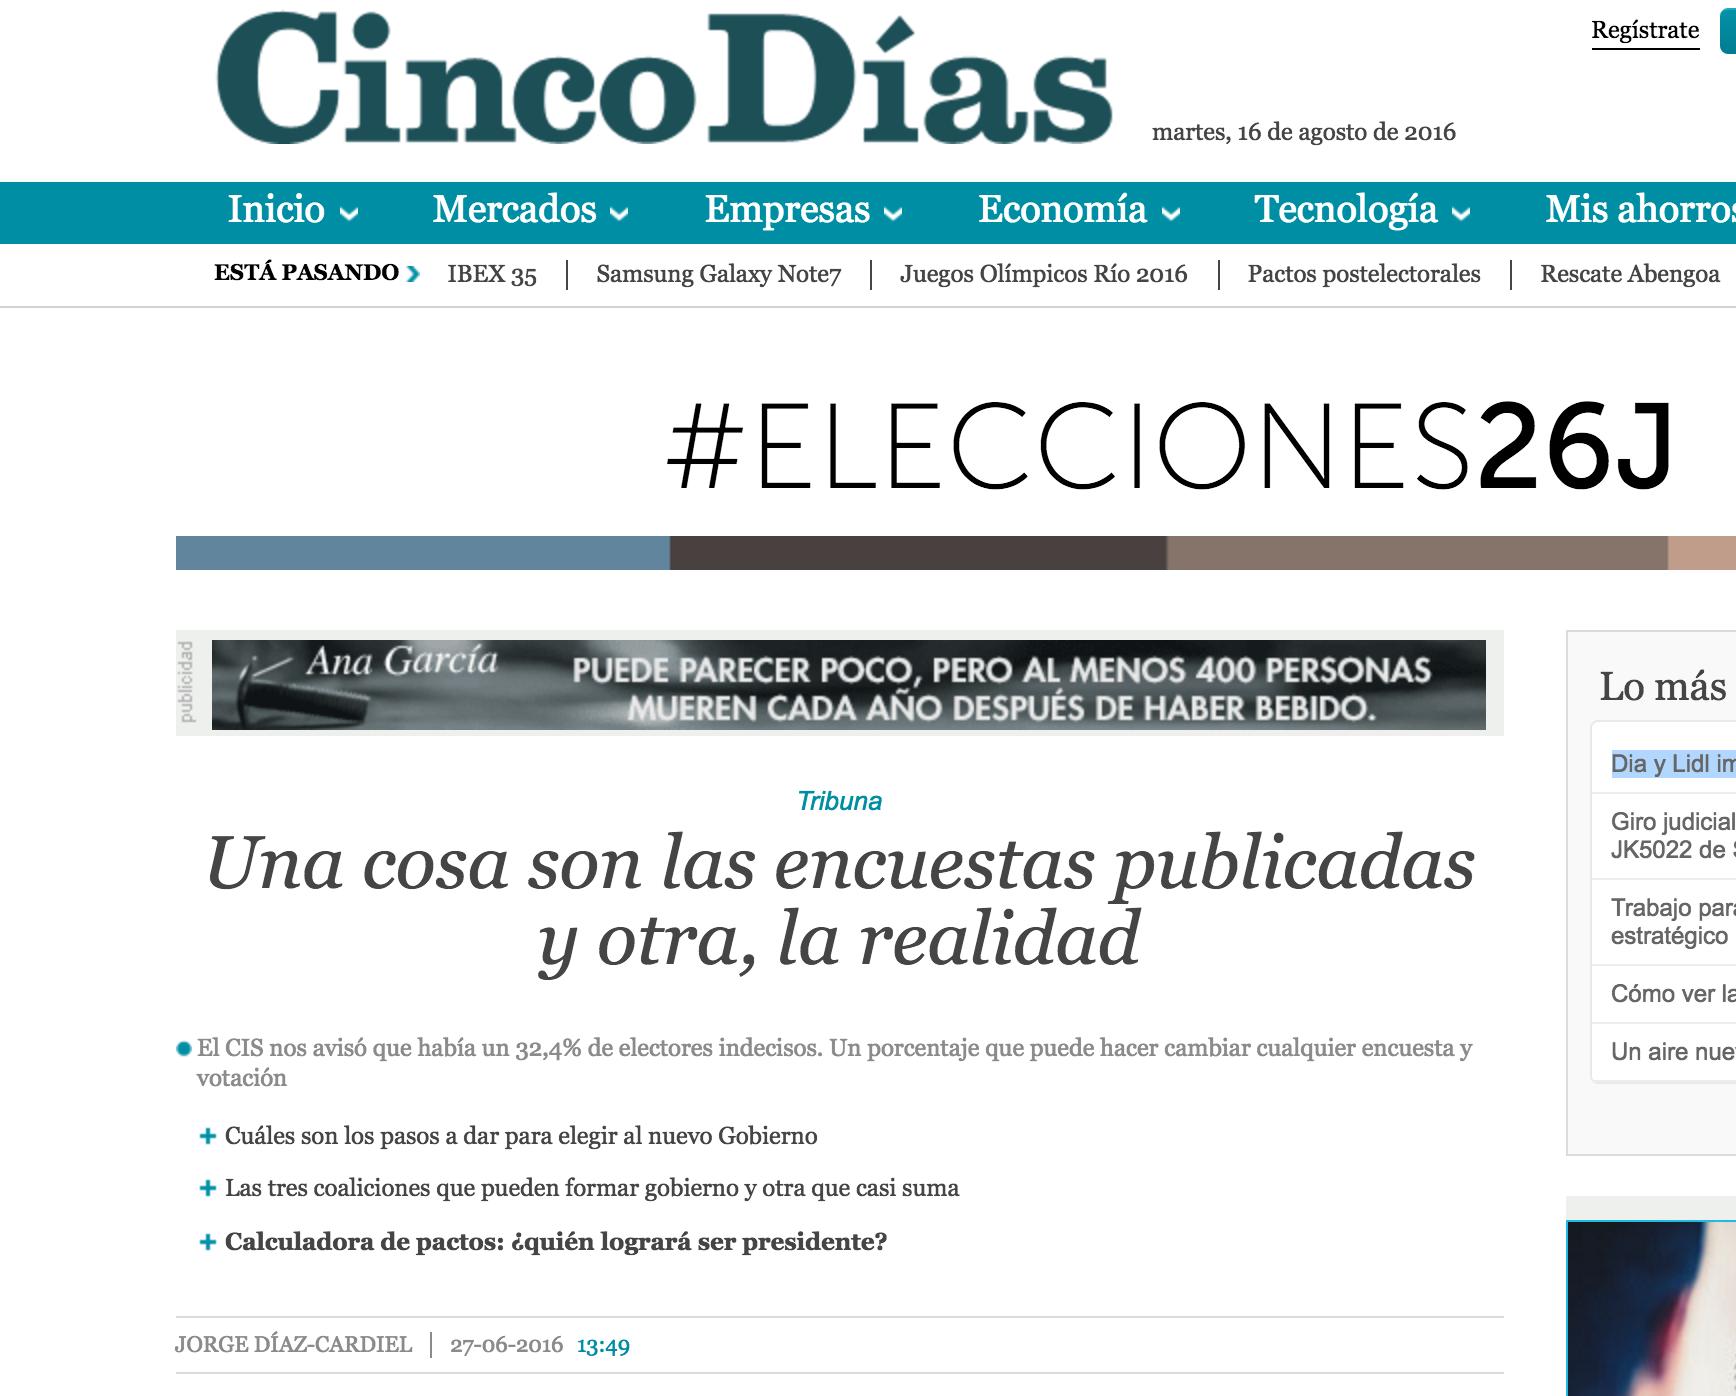 Artículo de Jorge Díaz-Cardiel sobre las elecciones generales en 'Cinco Días'